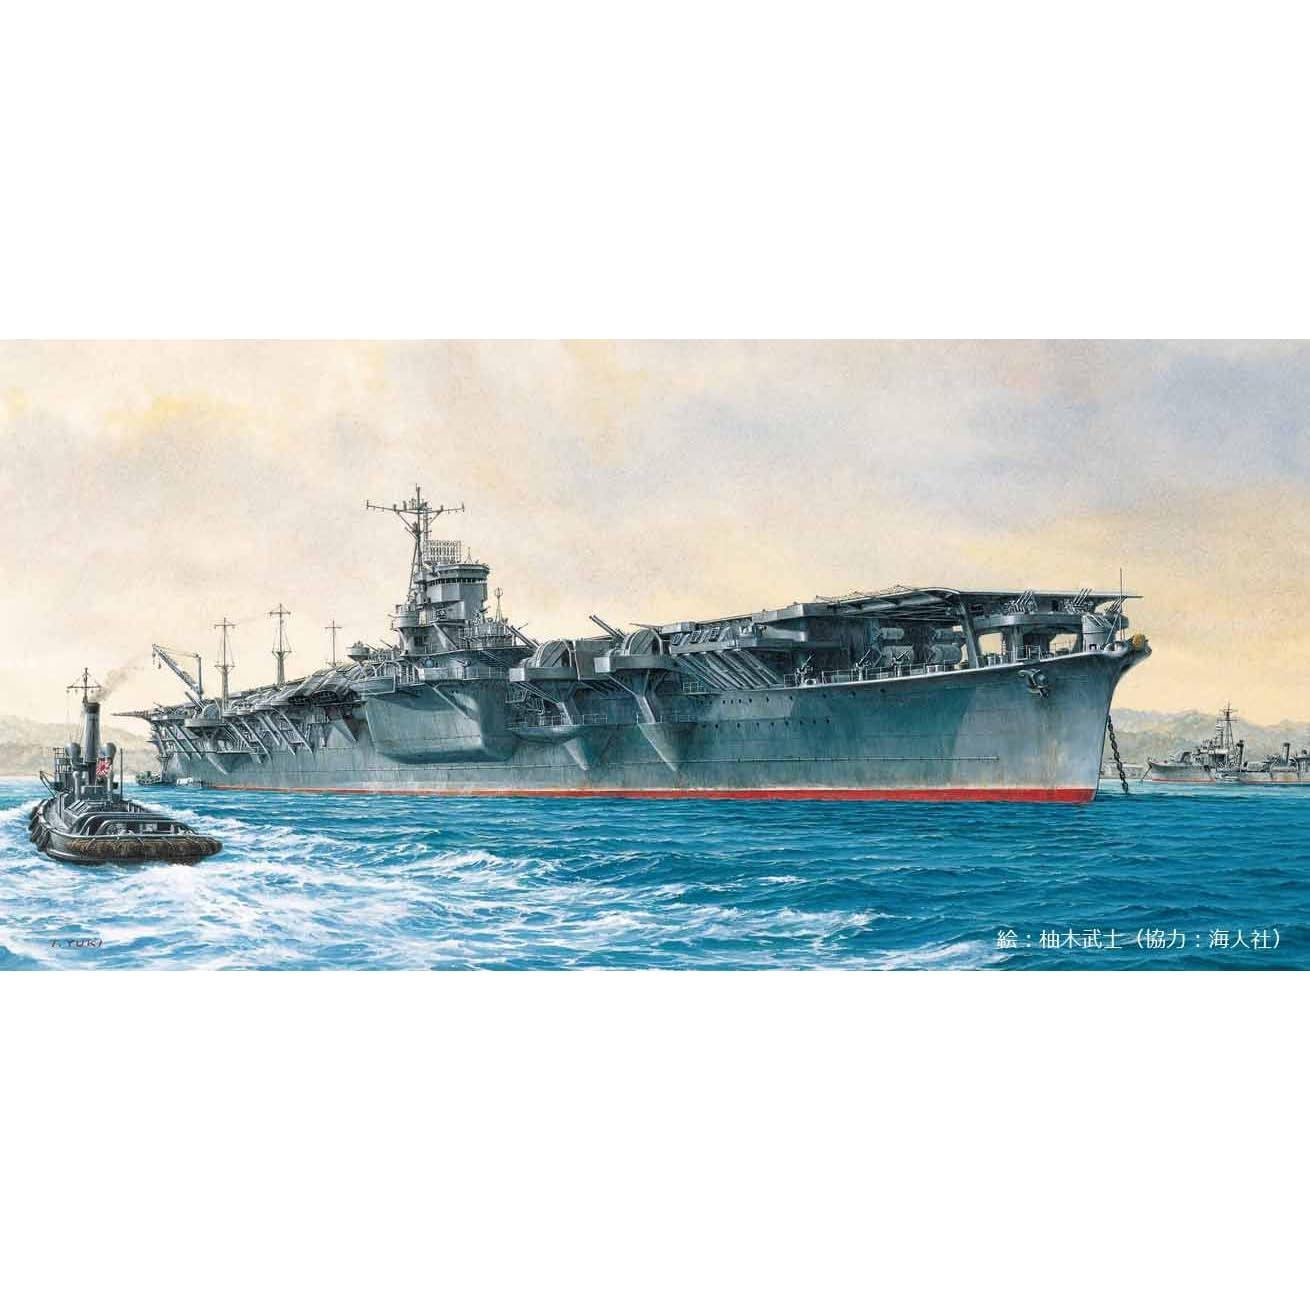 日本海军航空母舰 云龙